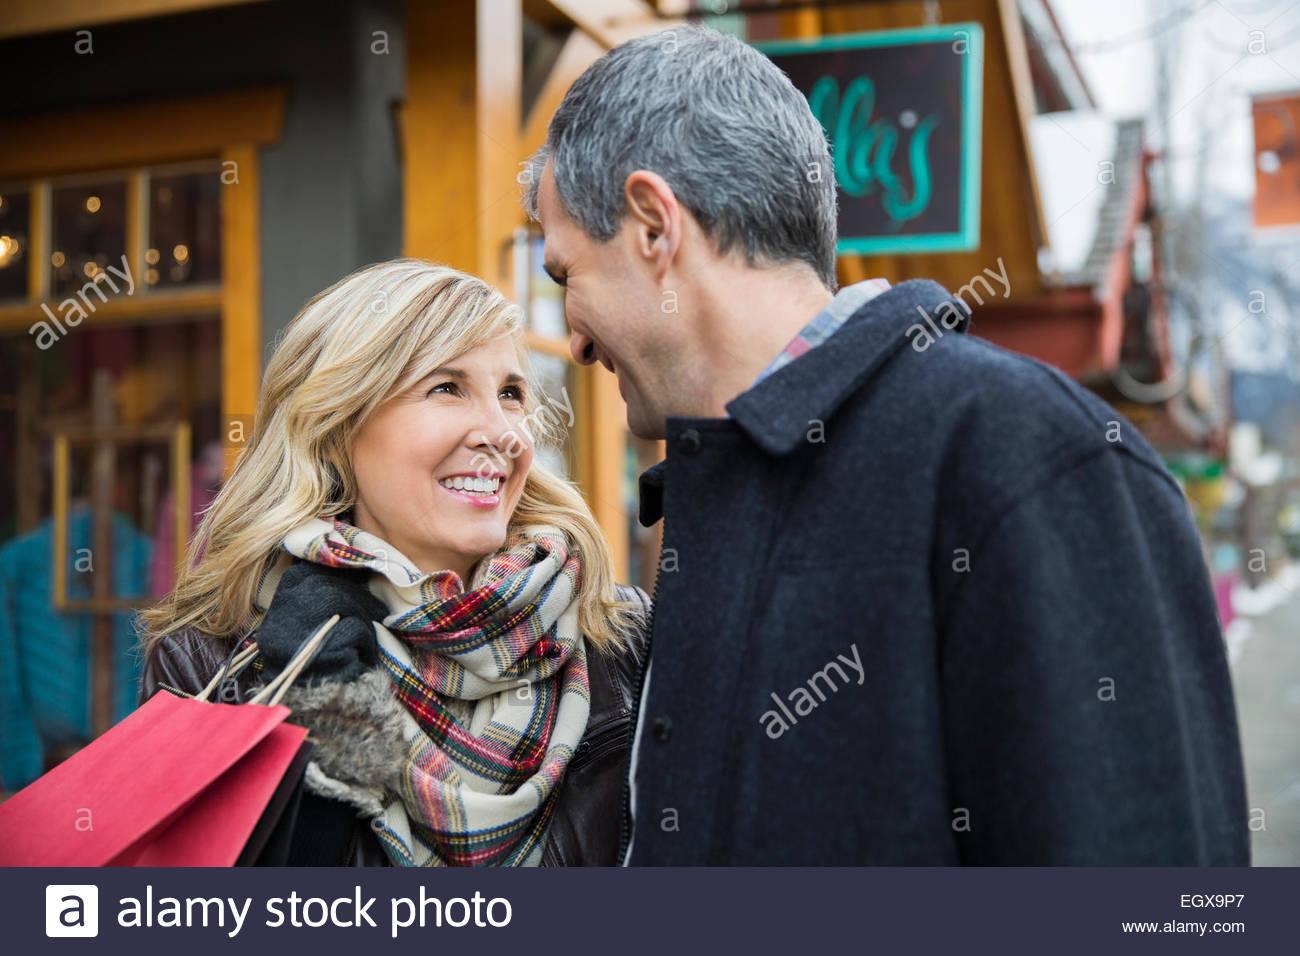 Pareja sonriente con bolsa de compras fuera de escaparate Imagen De Stock